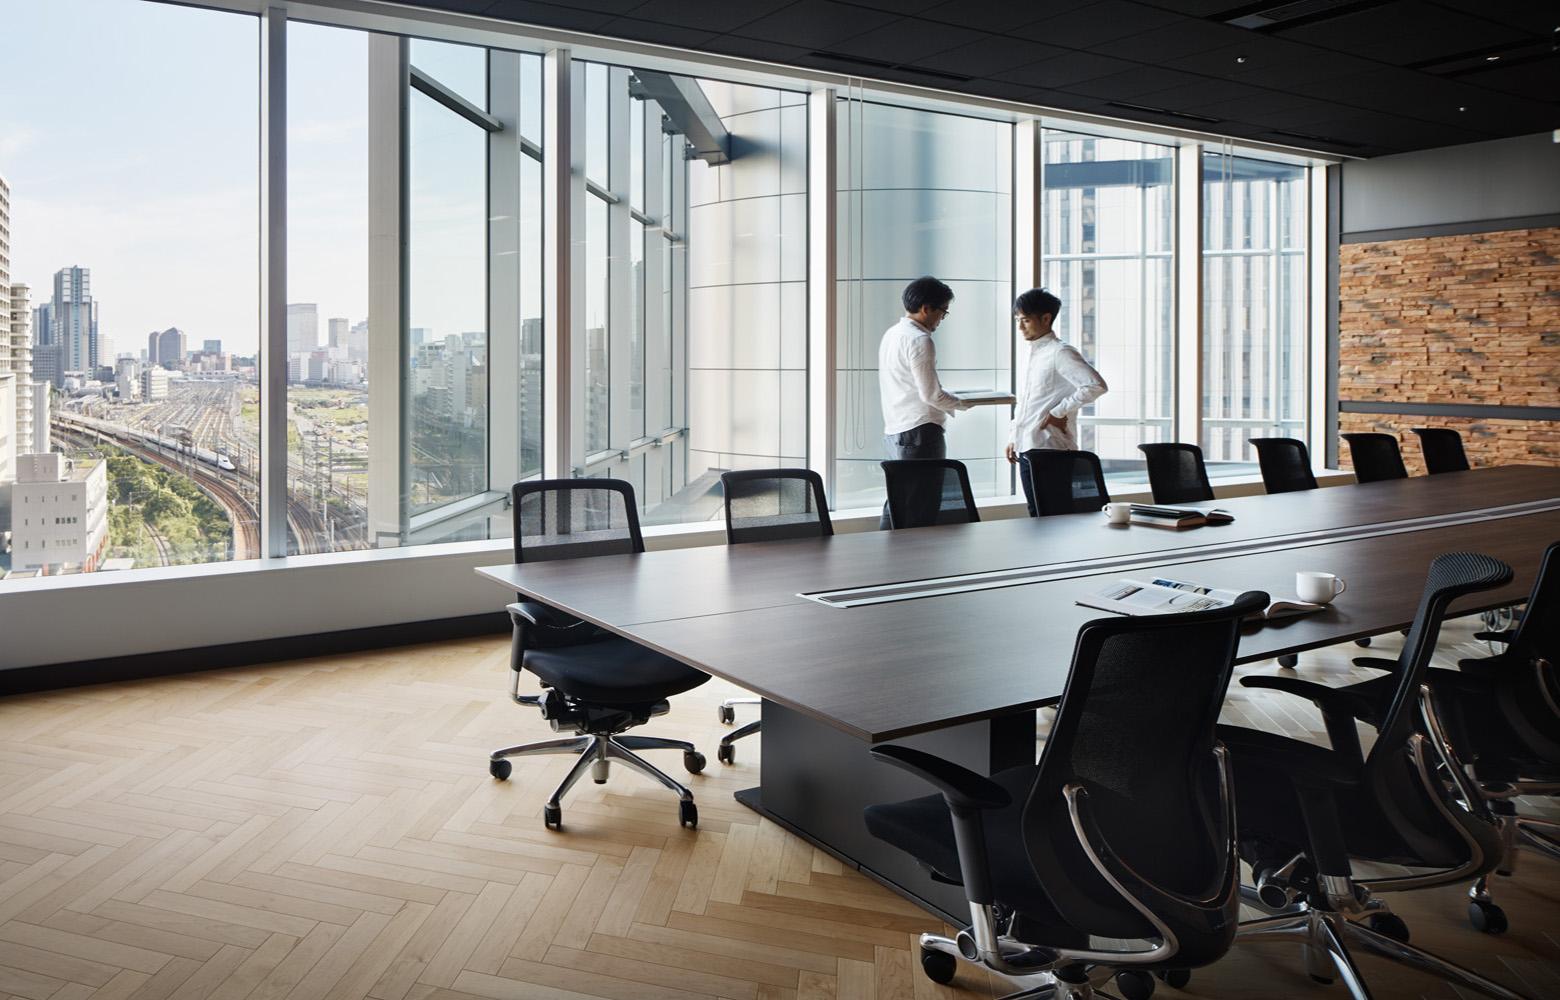 株式会社バンダイナムコオンライン Meeting Room デザイン・レイアウト事例